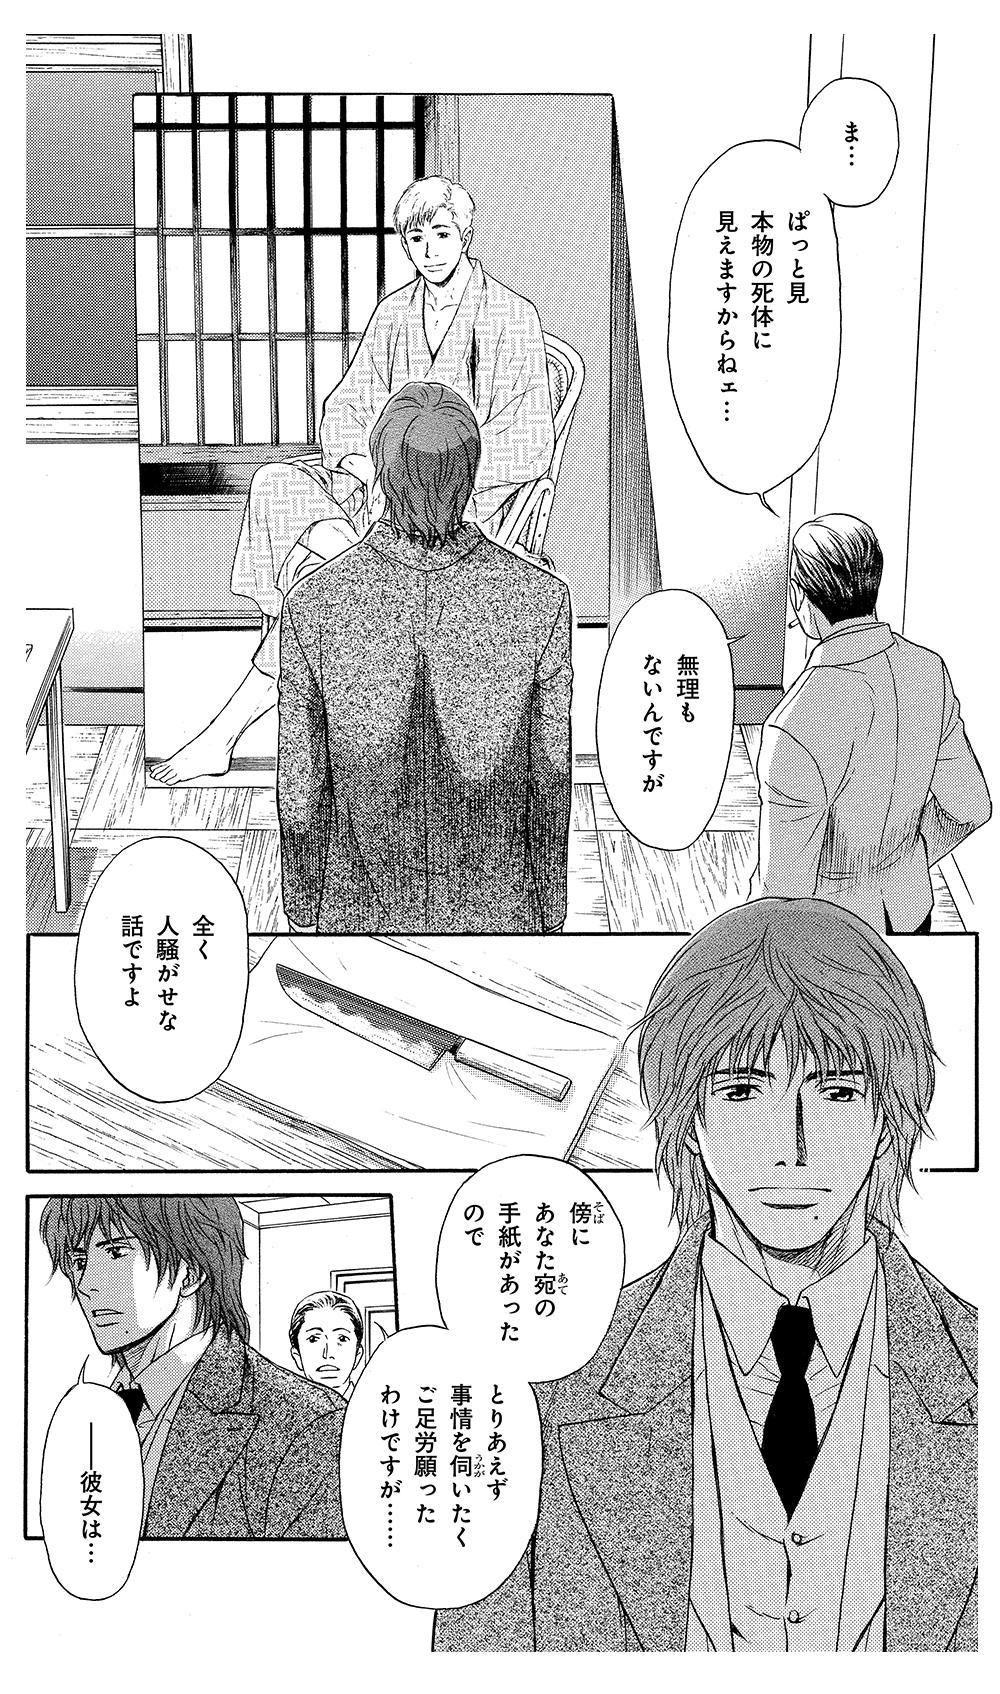 鵼の絵師 第2話「おきみやげ」②nuenoeshi04-10.jpg